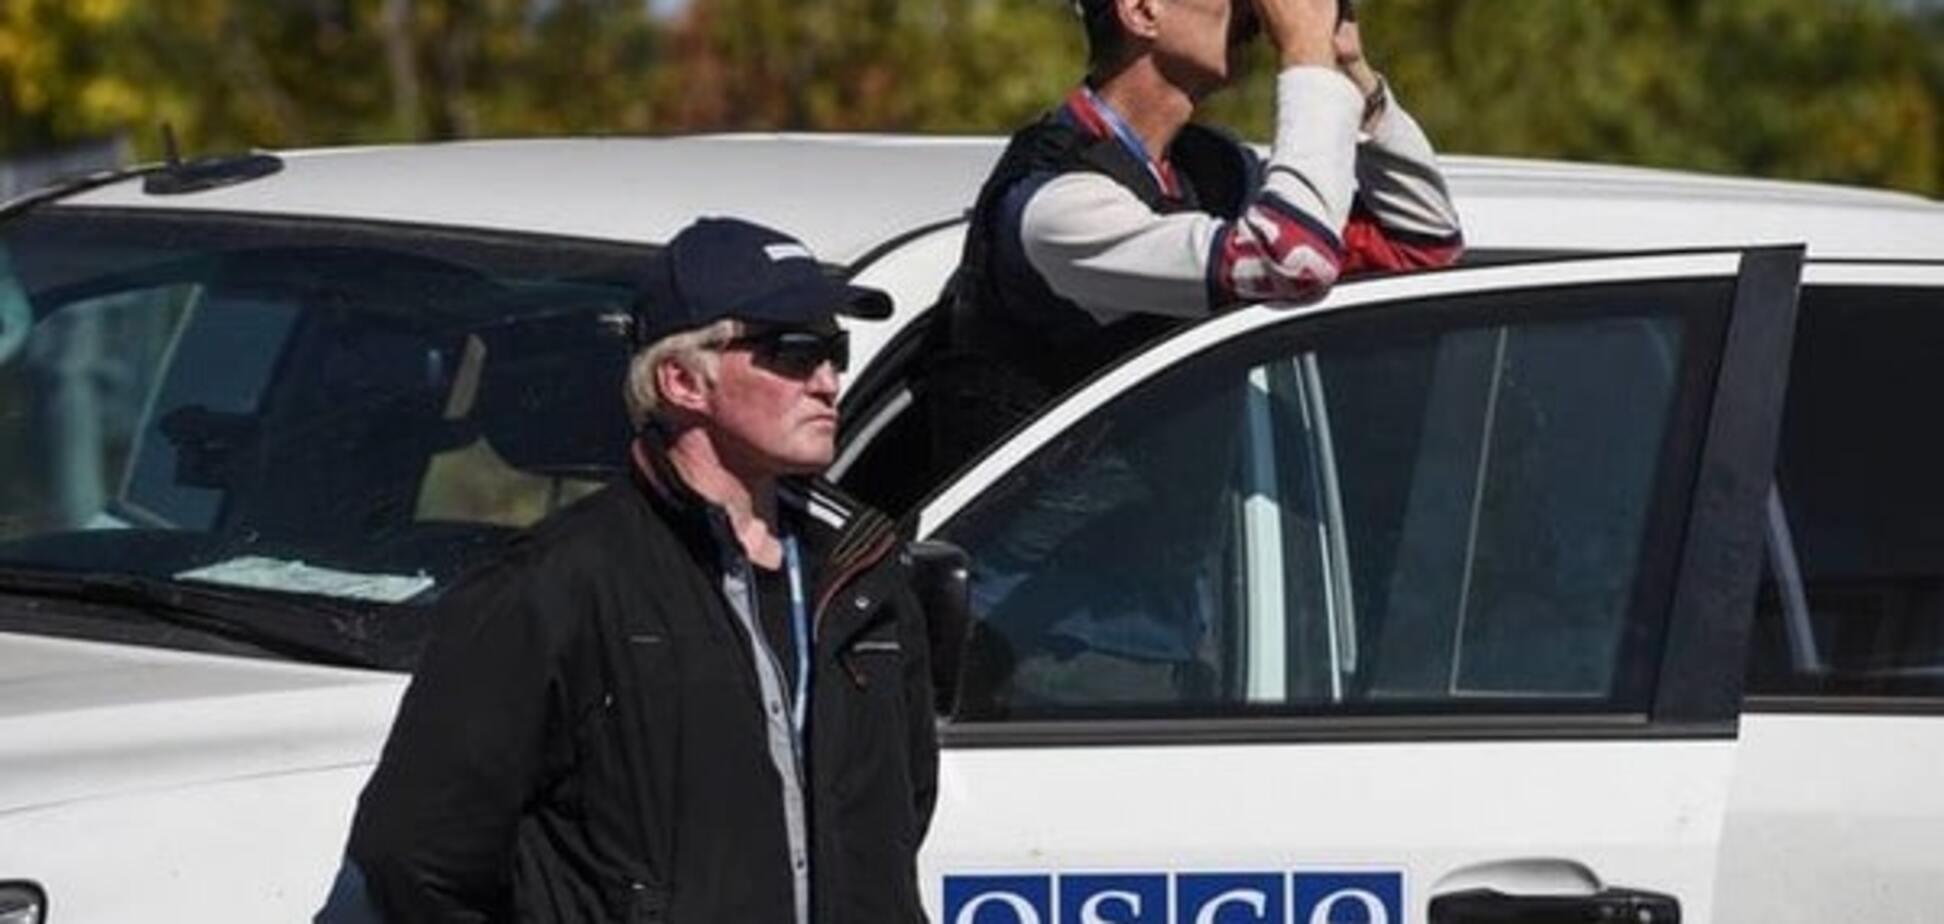 Як на долоні: ОБСЄ встановила 2 камери спостереження на Донбасі